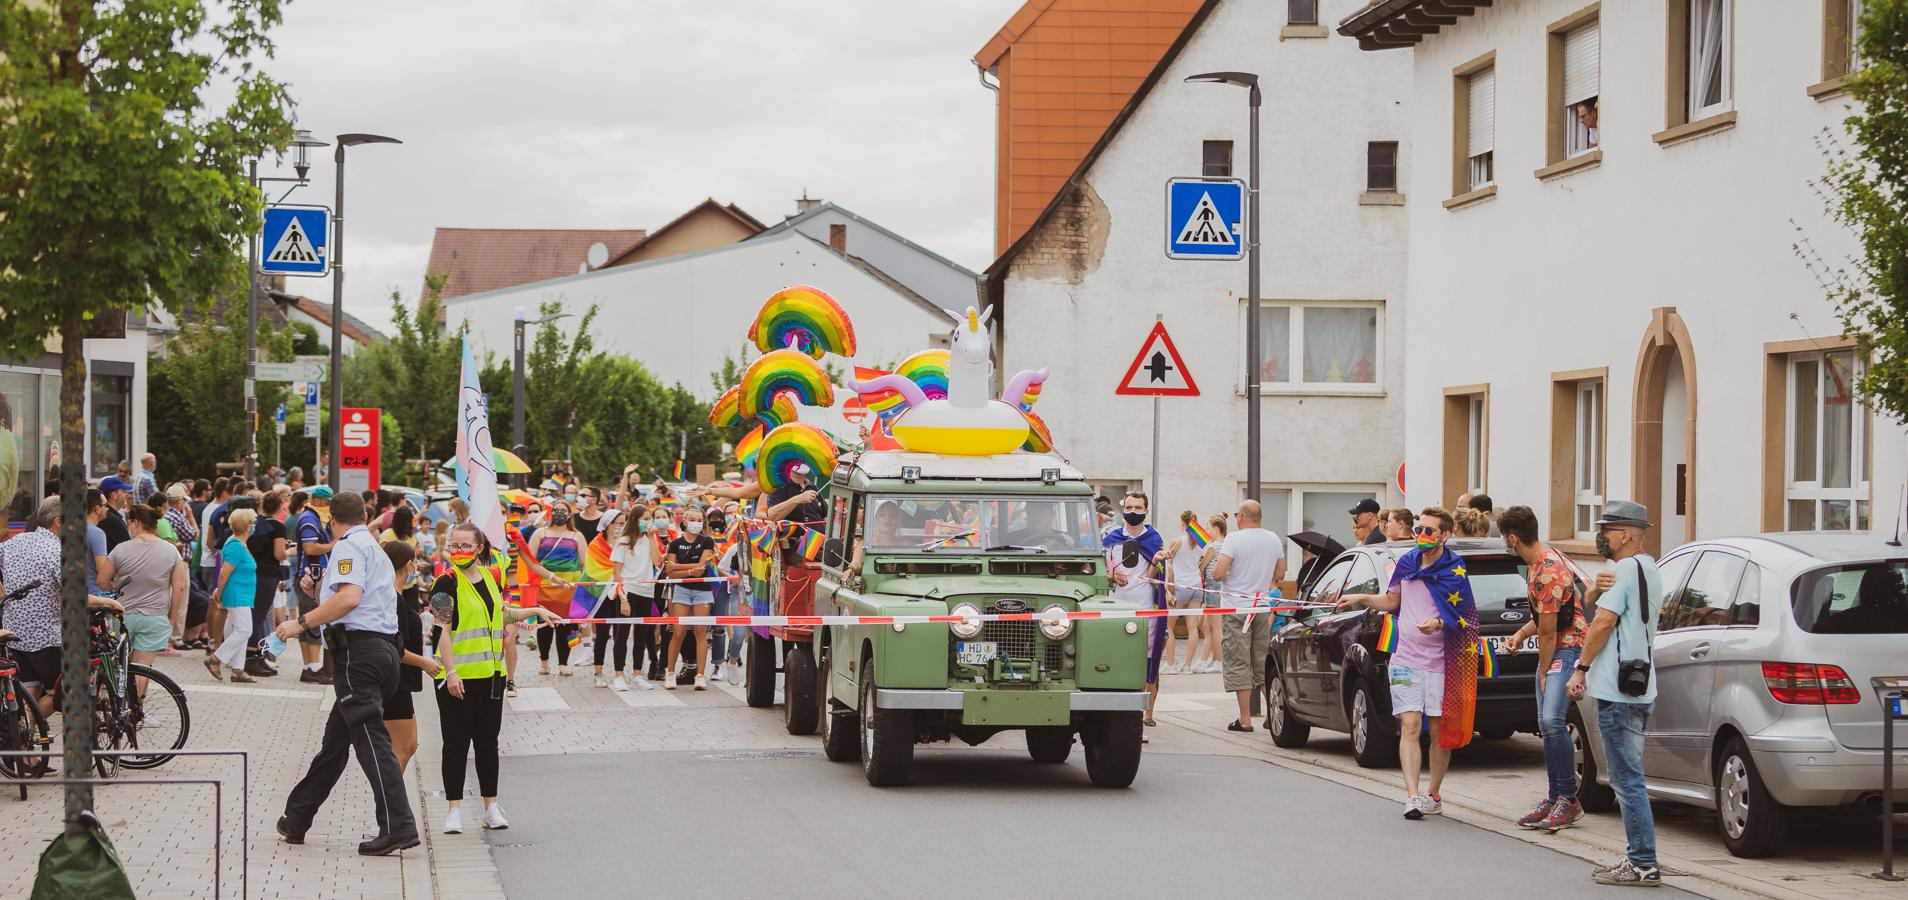 Bild zeigt den Anfang des Demozuges der Dorfpride 2020 in Mühlhausen